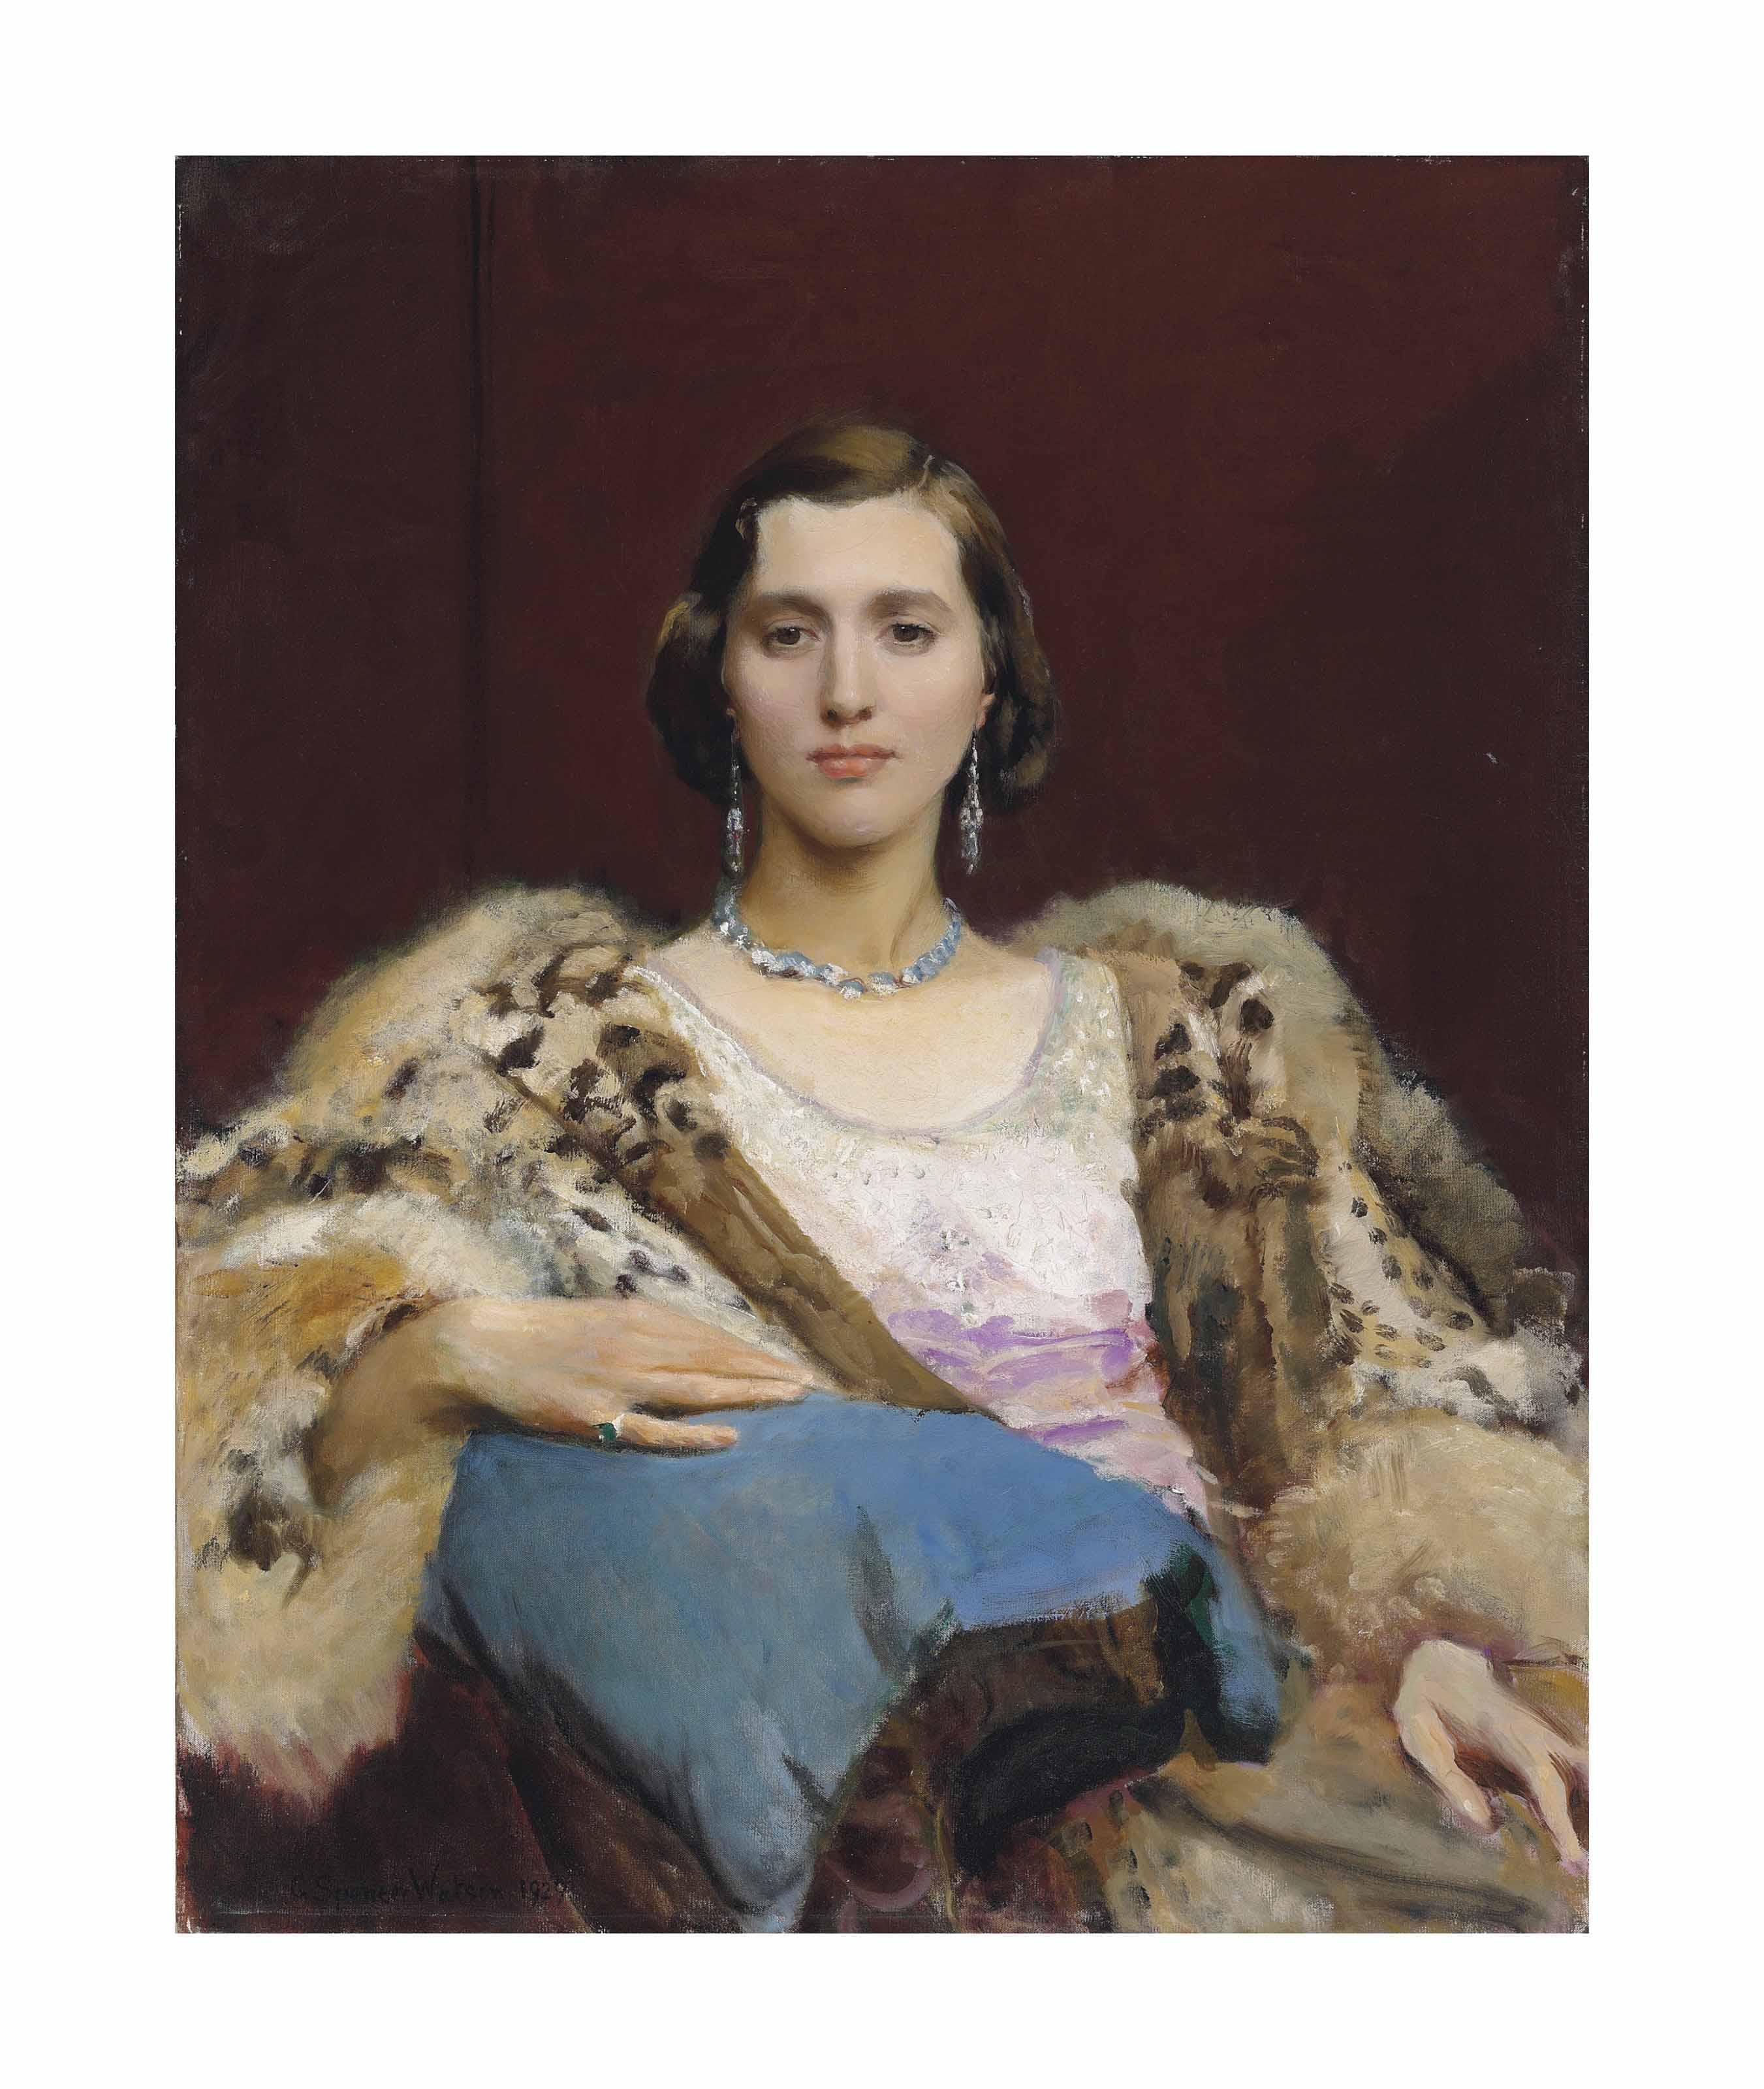 Portrait of Miss Dewitt wearing a leopard stole